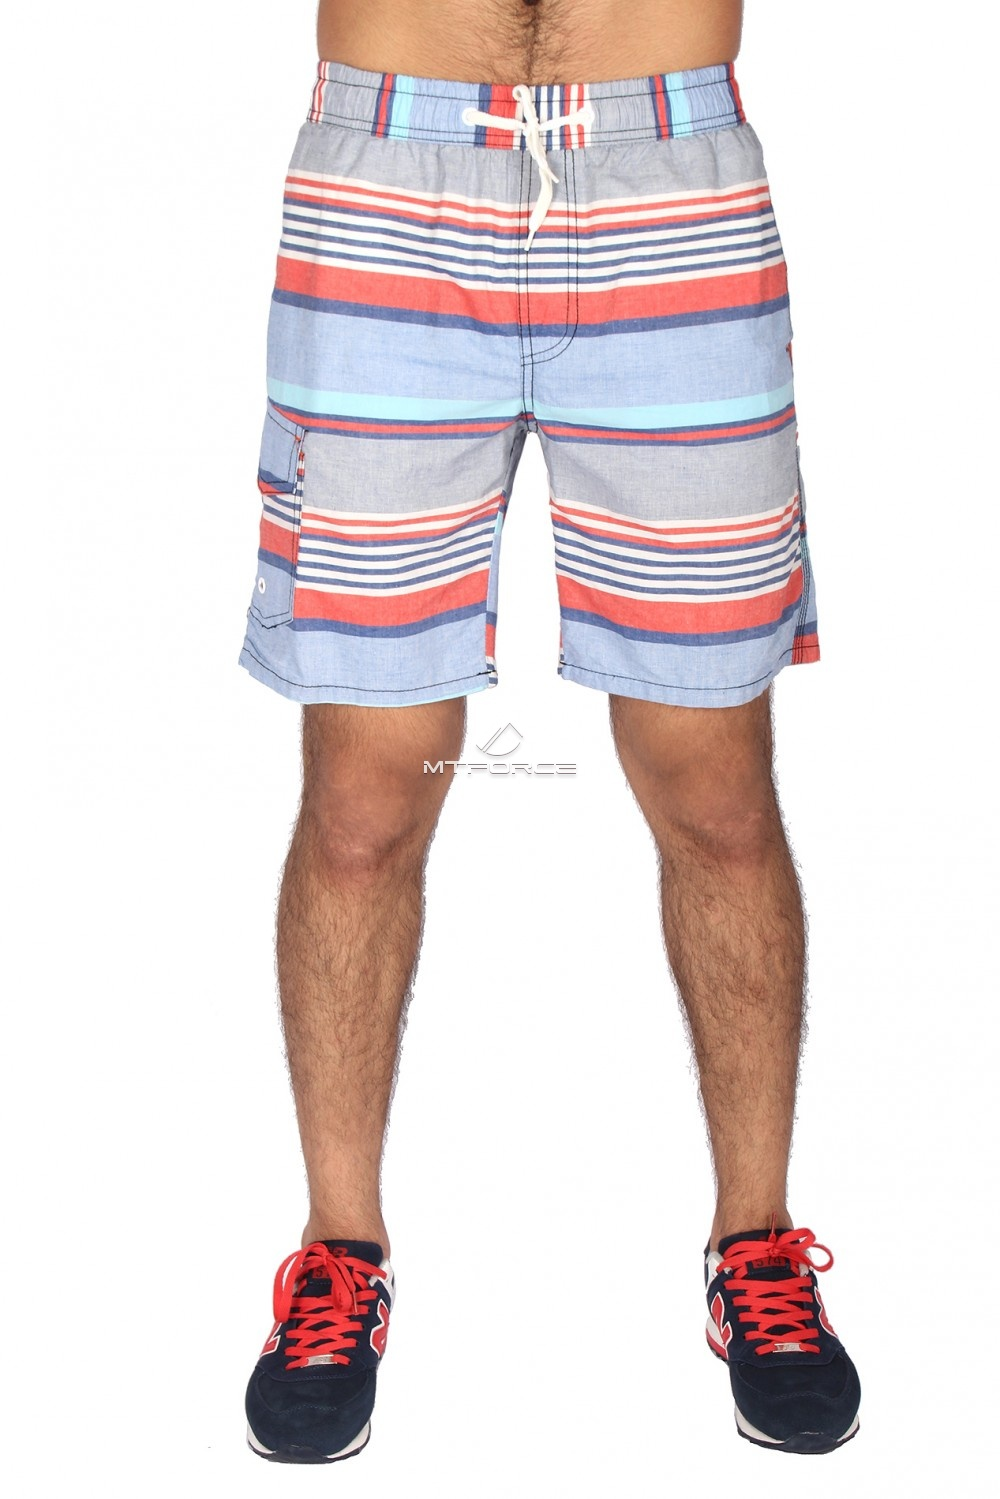 Купить оптом Спортивные шорты красного цвета S11Kr в Казани